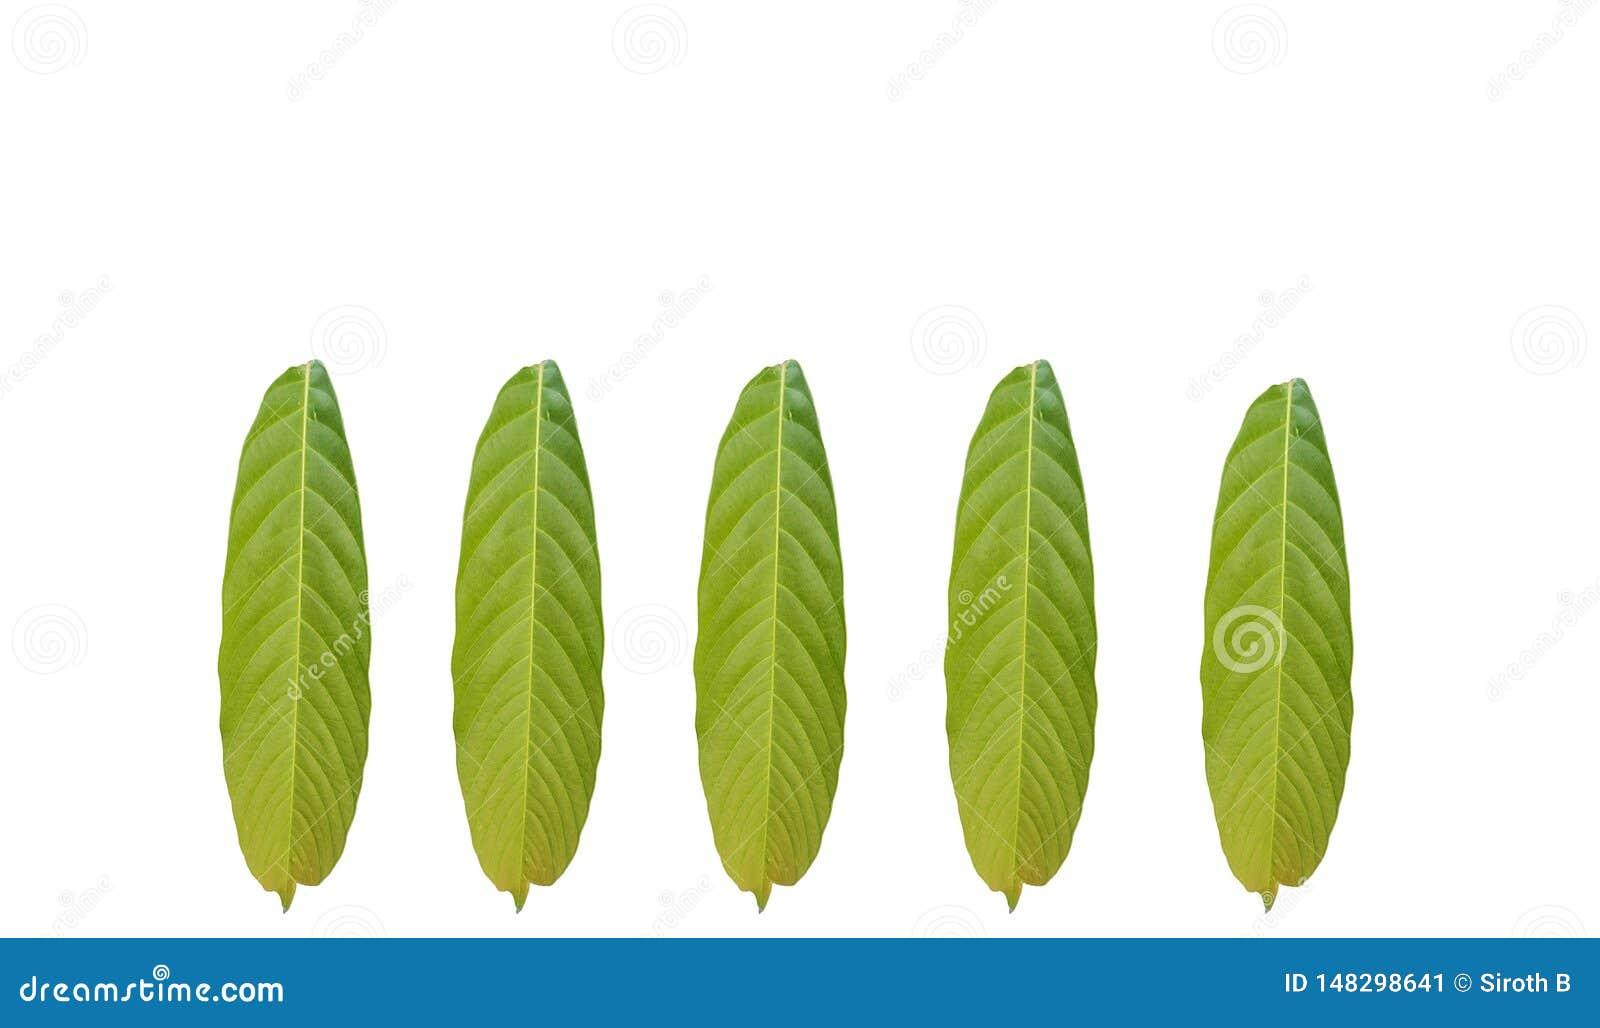 Gruppe des tropischen Blattes des grünen Laubs lokalisiert auf weißen Hintergründen